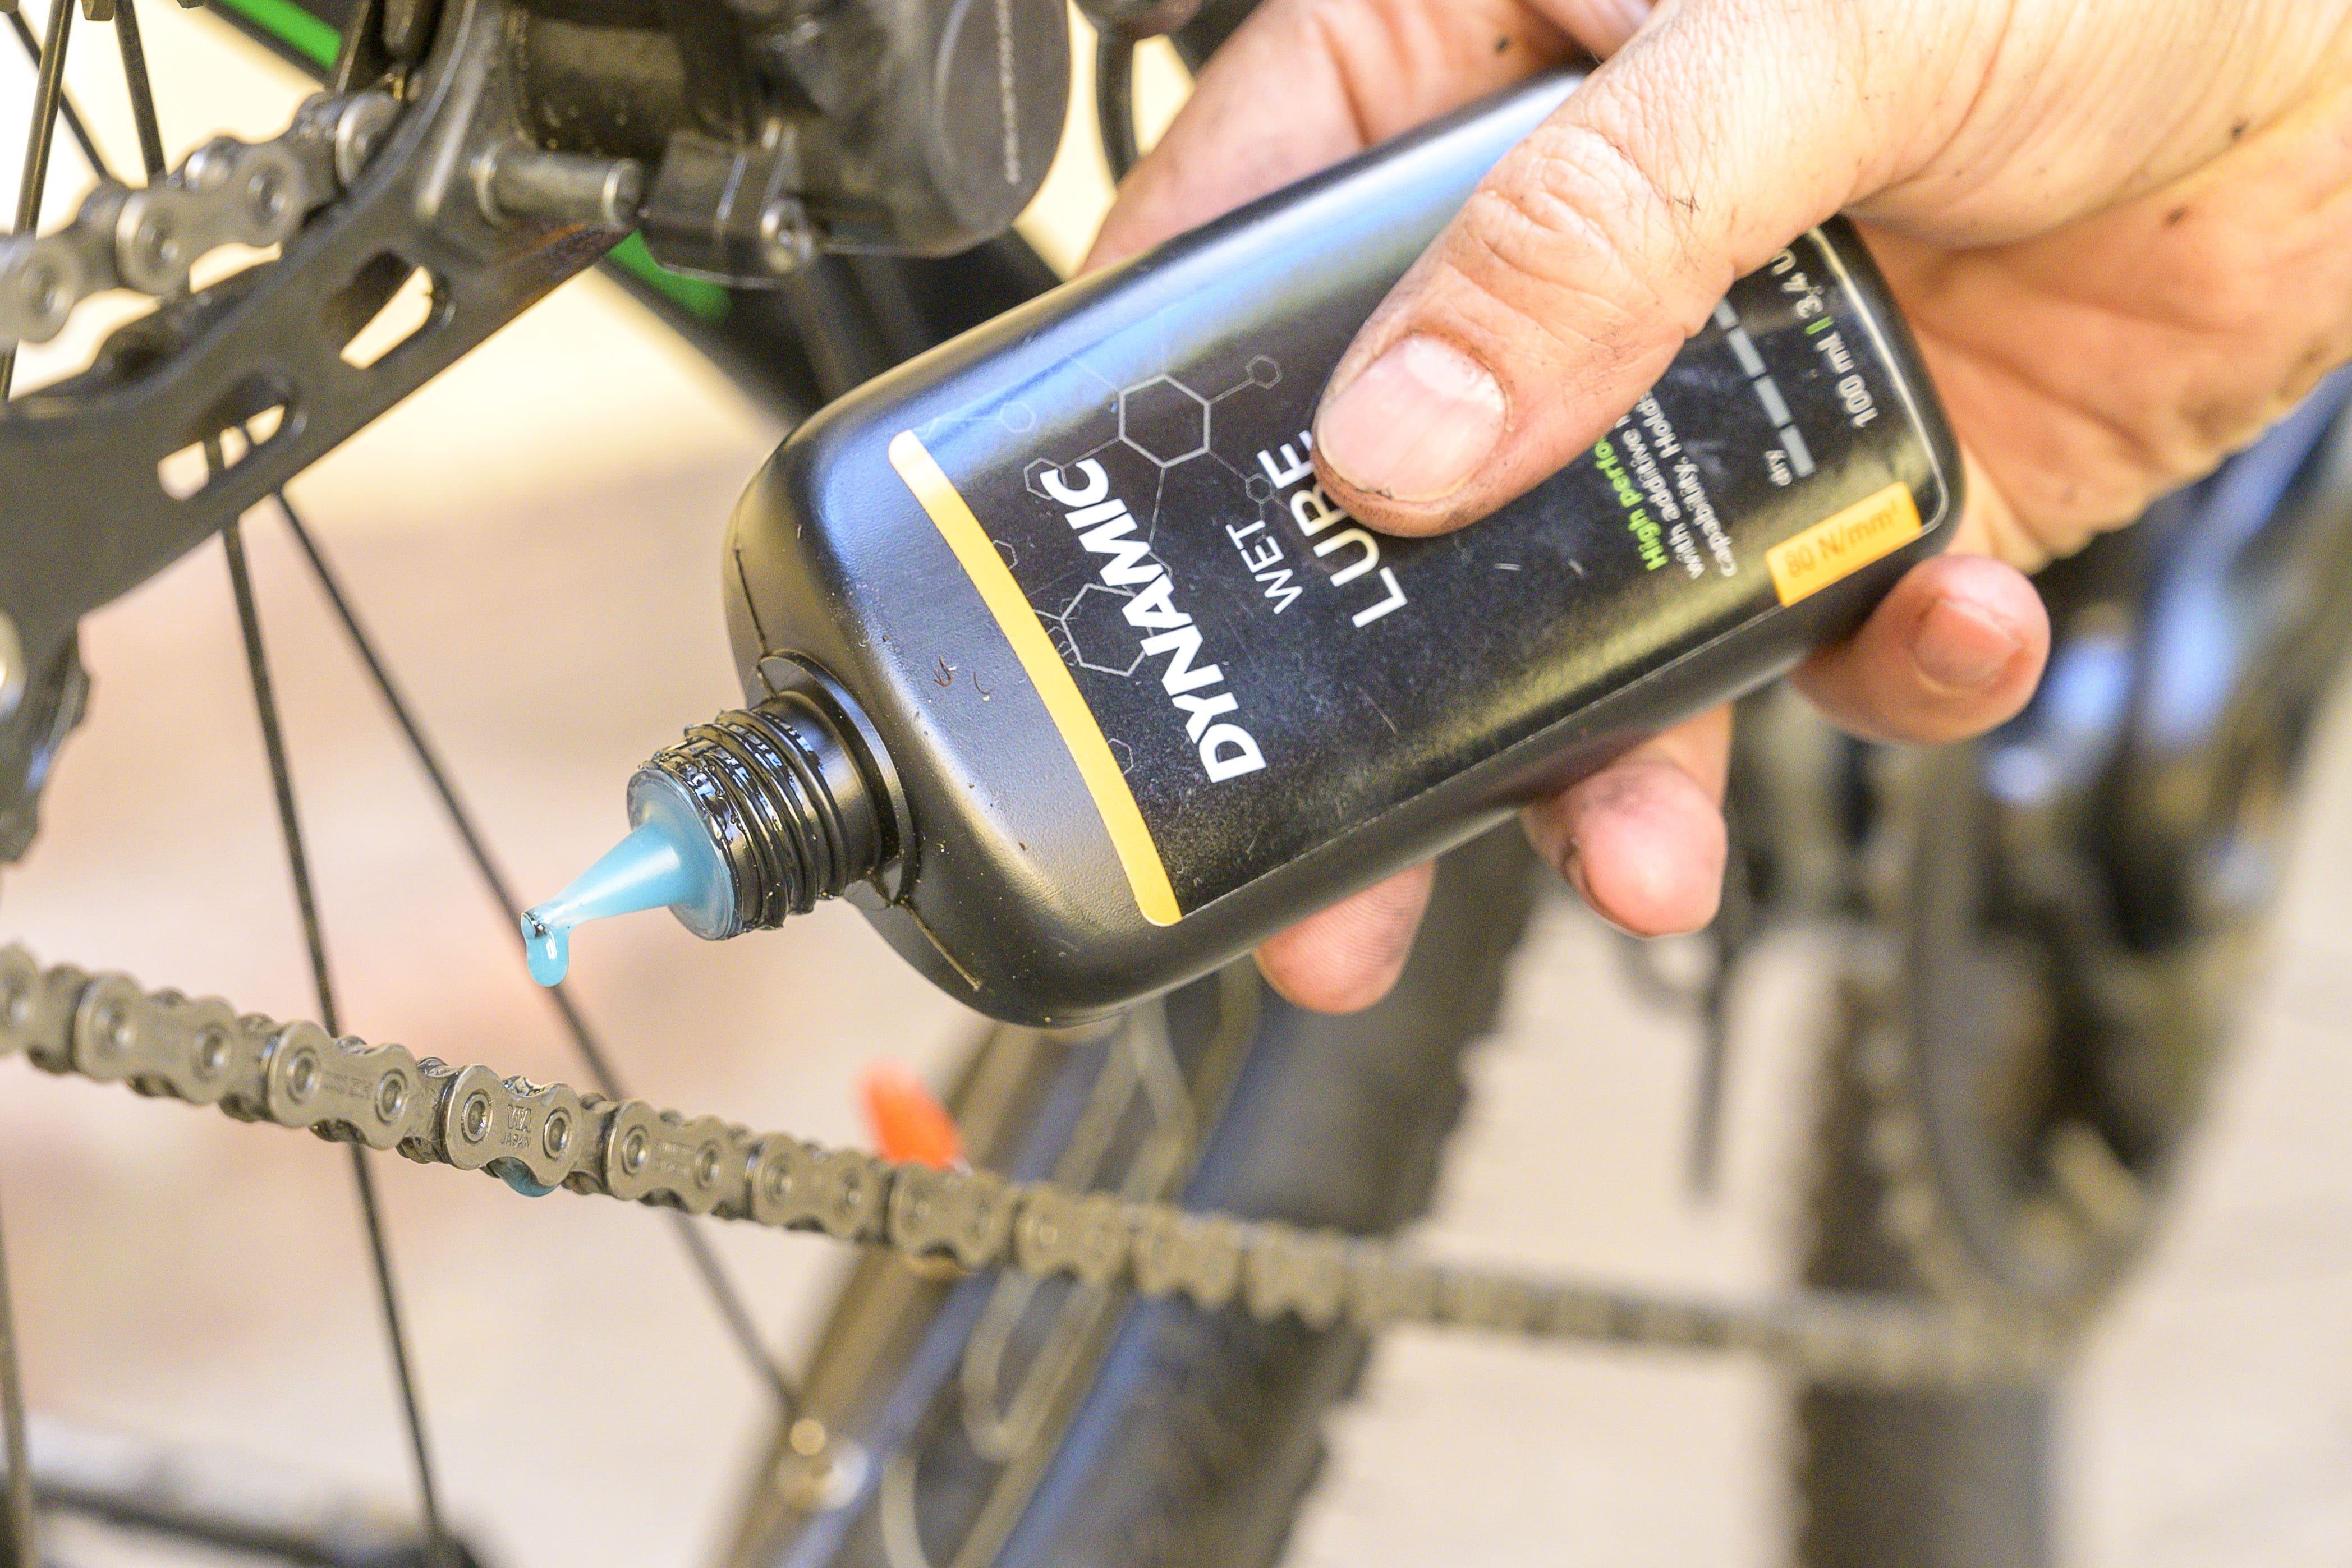 Kette richtig reinigen und Ölen - Fahrrad pflegen Herbst